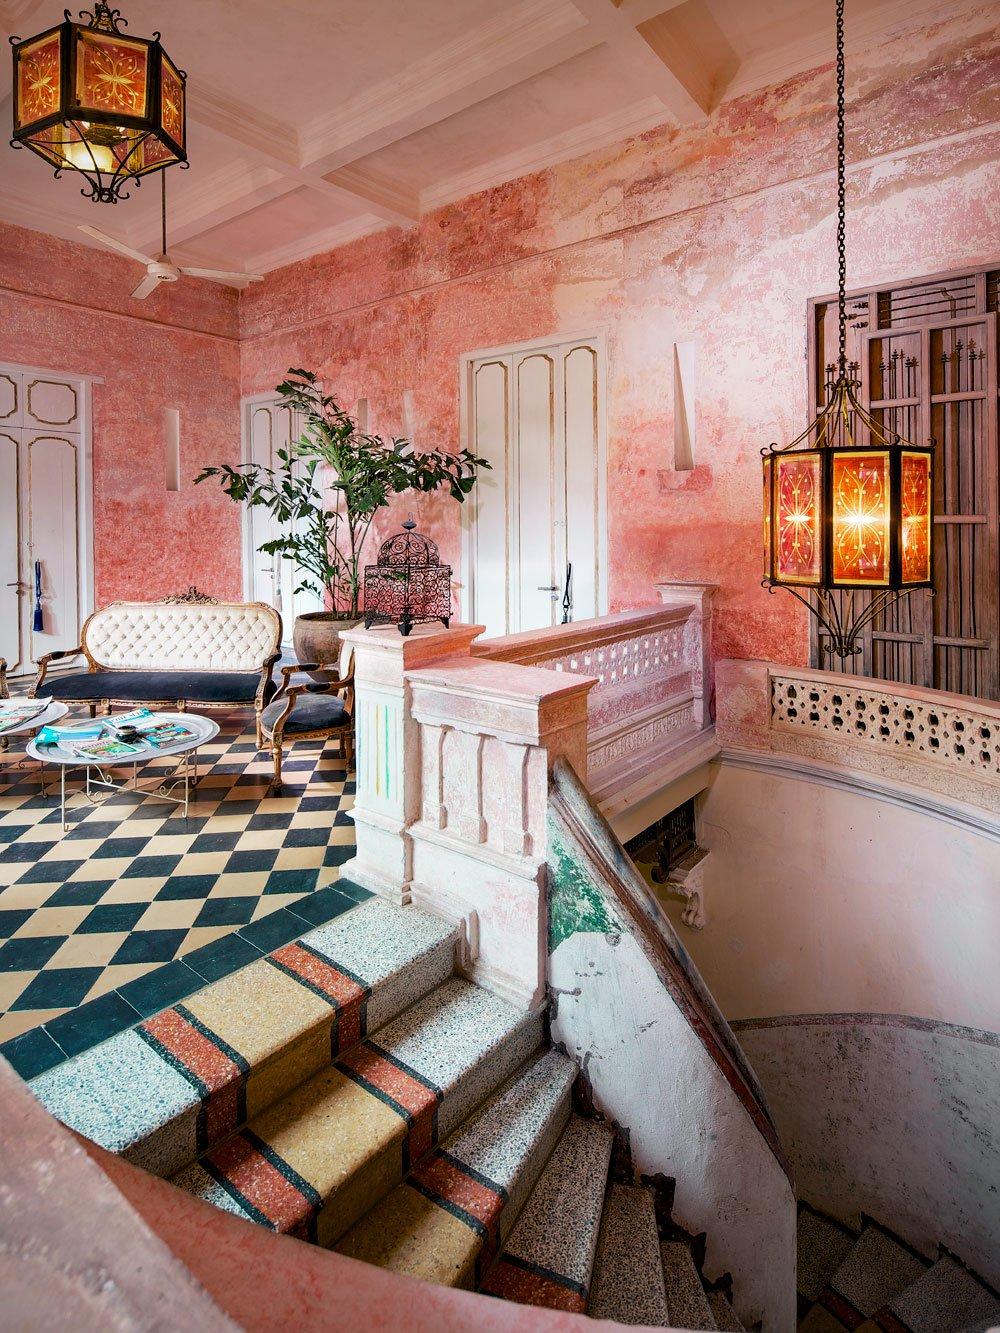 Hotel La Pasion, Cartagena